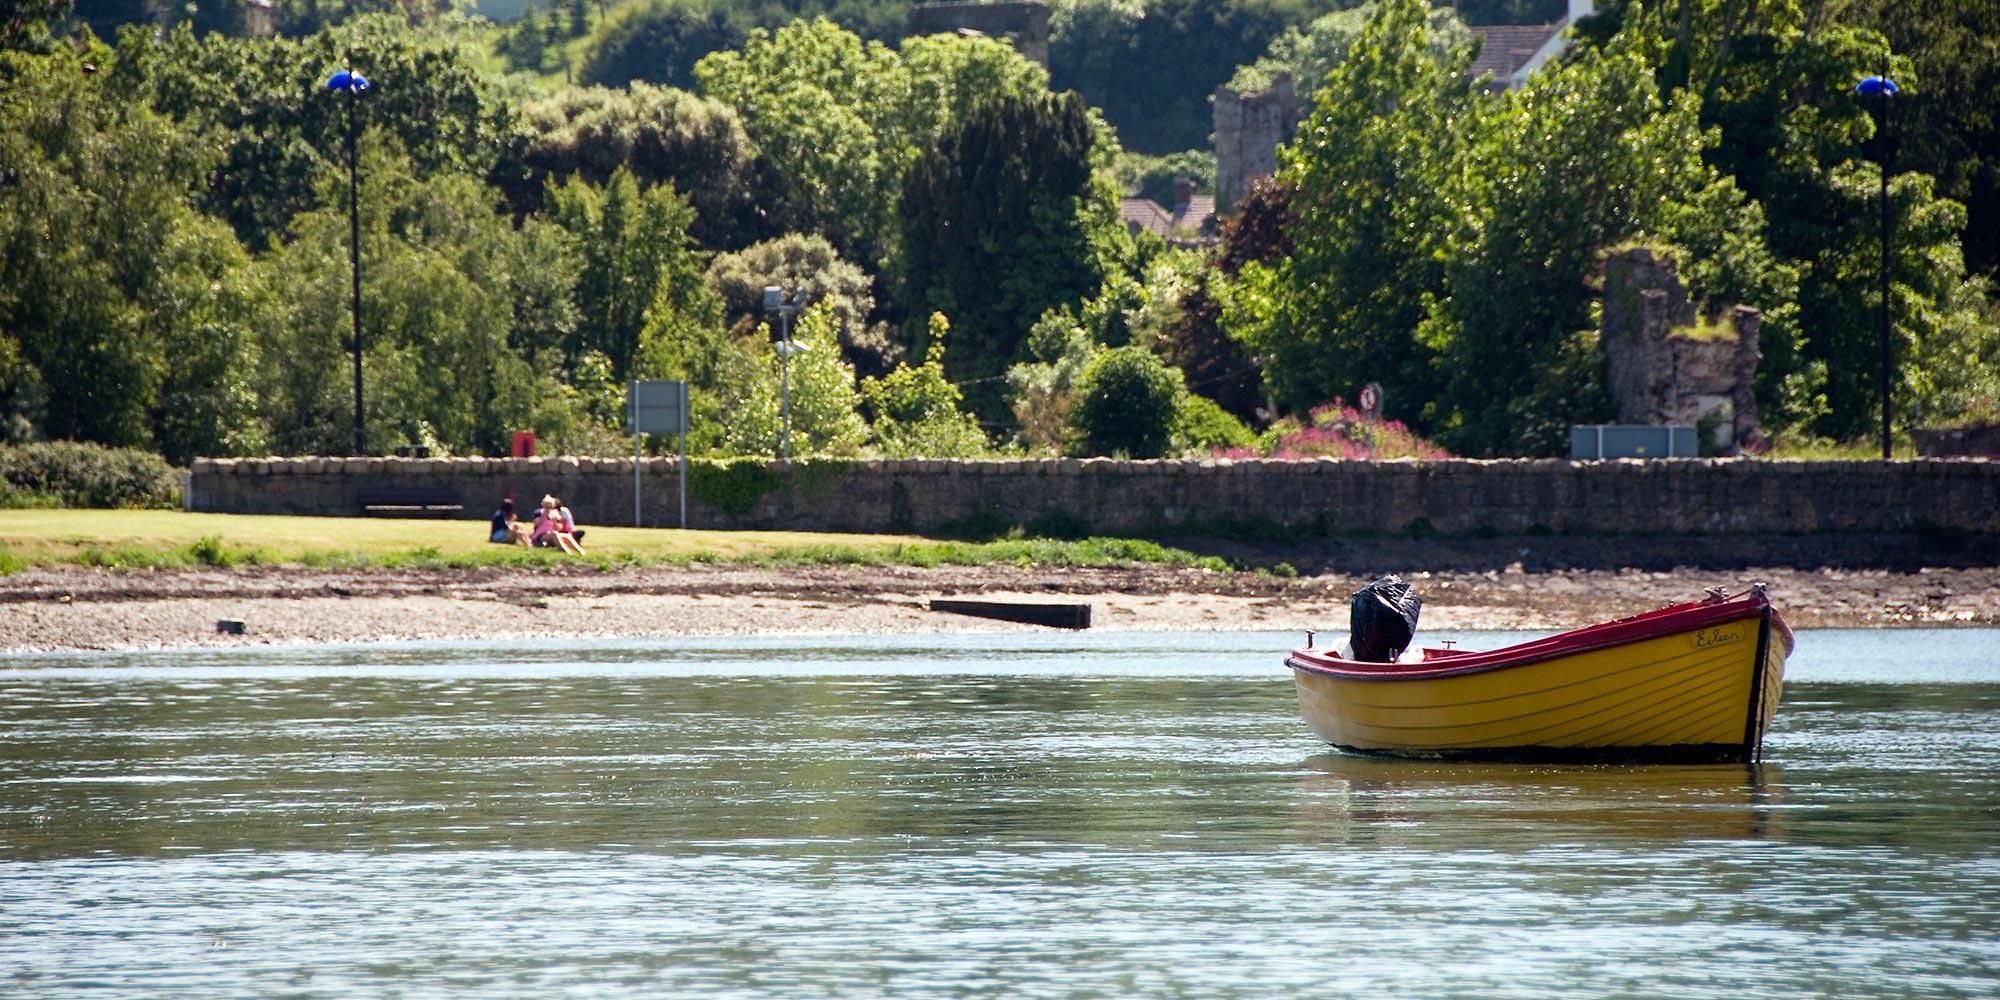 carlingford_lough_boat.jpg